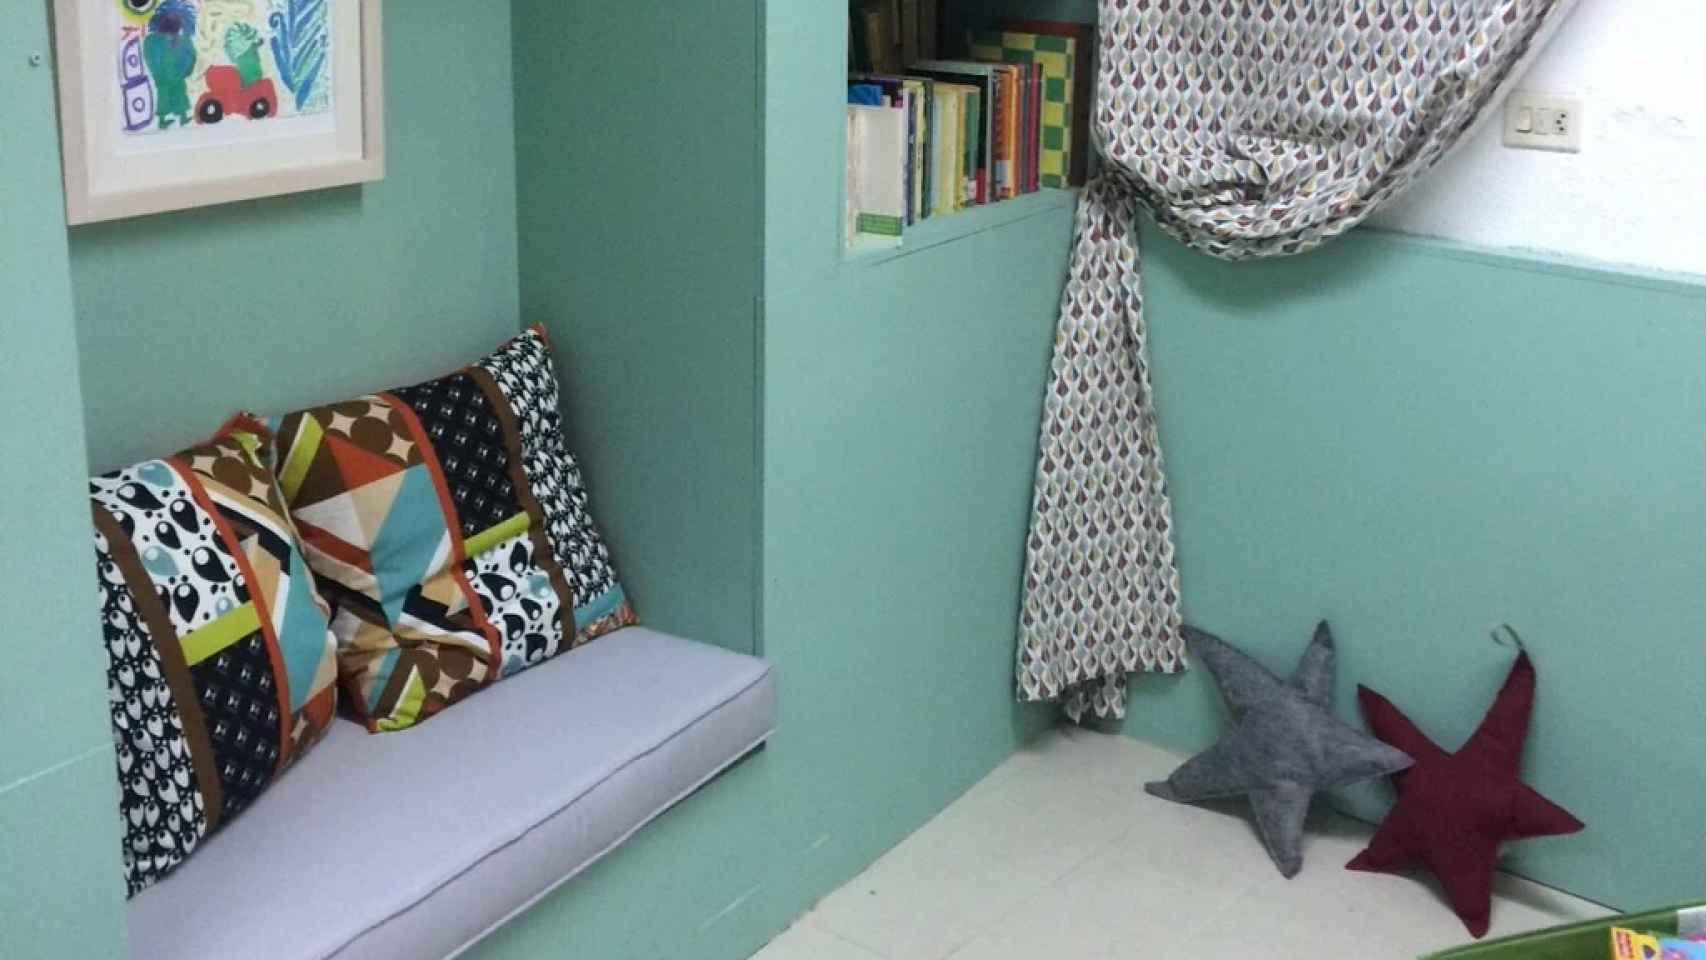 El espacio dedicado a los niños de Libu, en Bilbao.